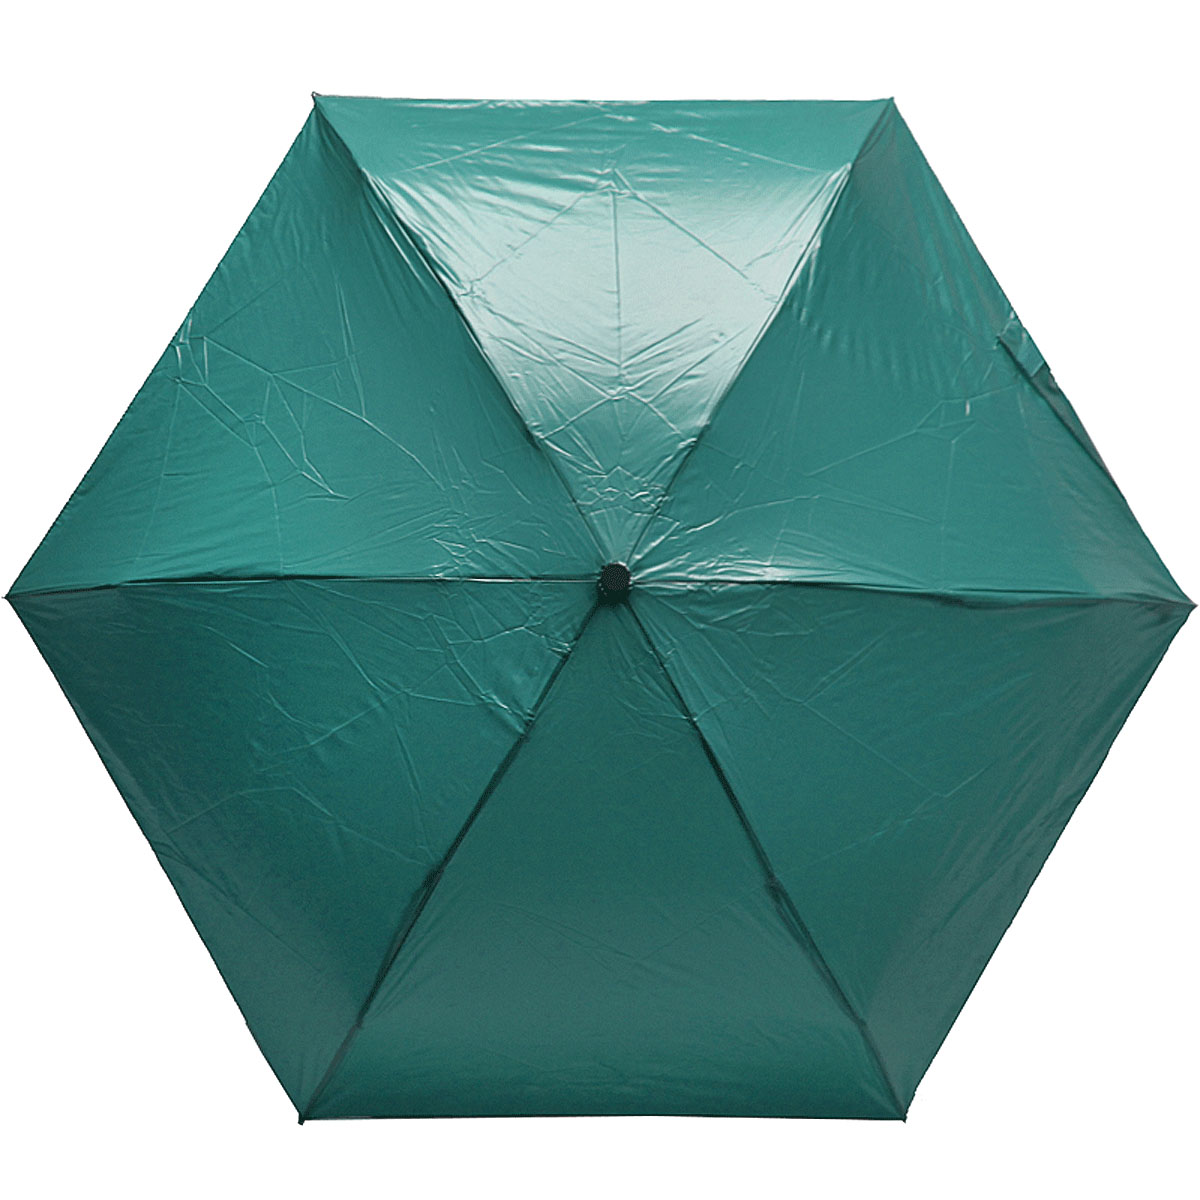 Зонт женский Vogue, цвет: зеленый. 454V-3K50K503414_0010Стильный механический зонт испанского производителя Vogue оснащен каркасом с противоветровым эффектом.Каркас зонта включает 8 спиц. Стержень изготовлен из стали, купол выполнен из прочного полиэстера. Зонт является механическим: купол открывается и закрывается вручную до характерного щелчка. Такой зонт не только надежно защитит вас от дождя, но и станет стильным аксессуаром, который идеально подчеркнет ваш неповторимый образ. Рекомендации по использованию: Мокрый зонт нельзя оставлять сложенным. Зонт после использования рекомендуется сушить в полураскрытом виде вдали от нагревательных приборов. Чистить зонт рекомендуется губкой, используя мягкие нещелочные растворы.